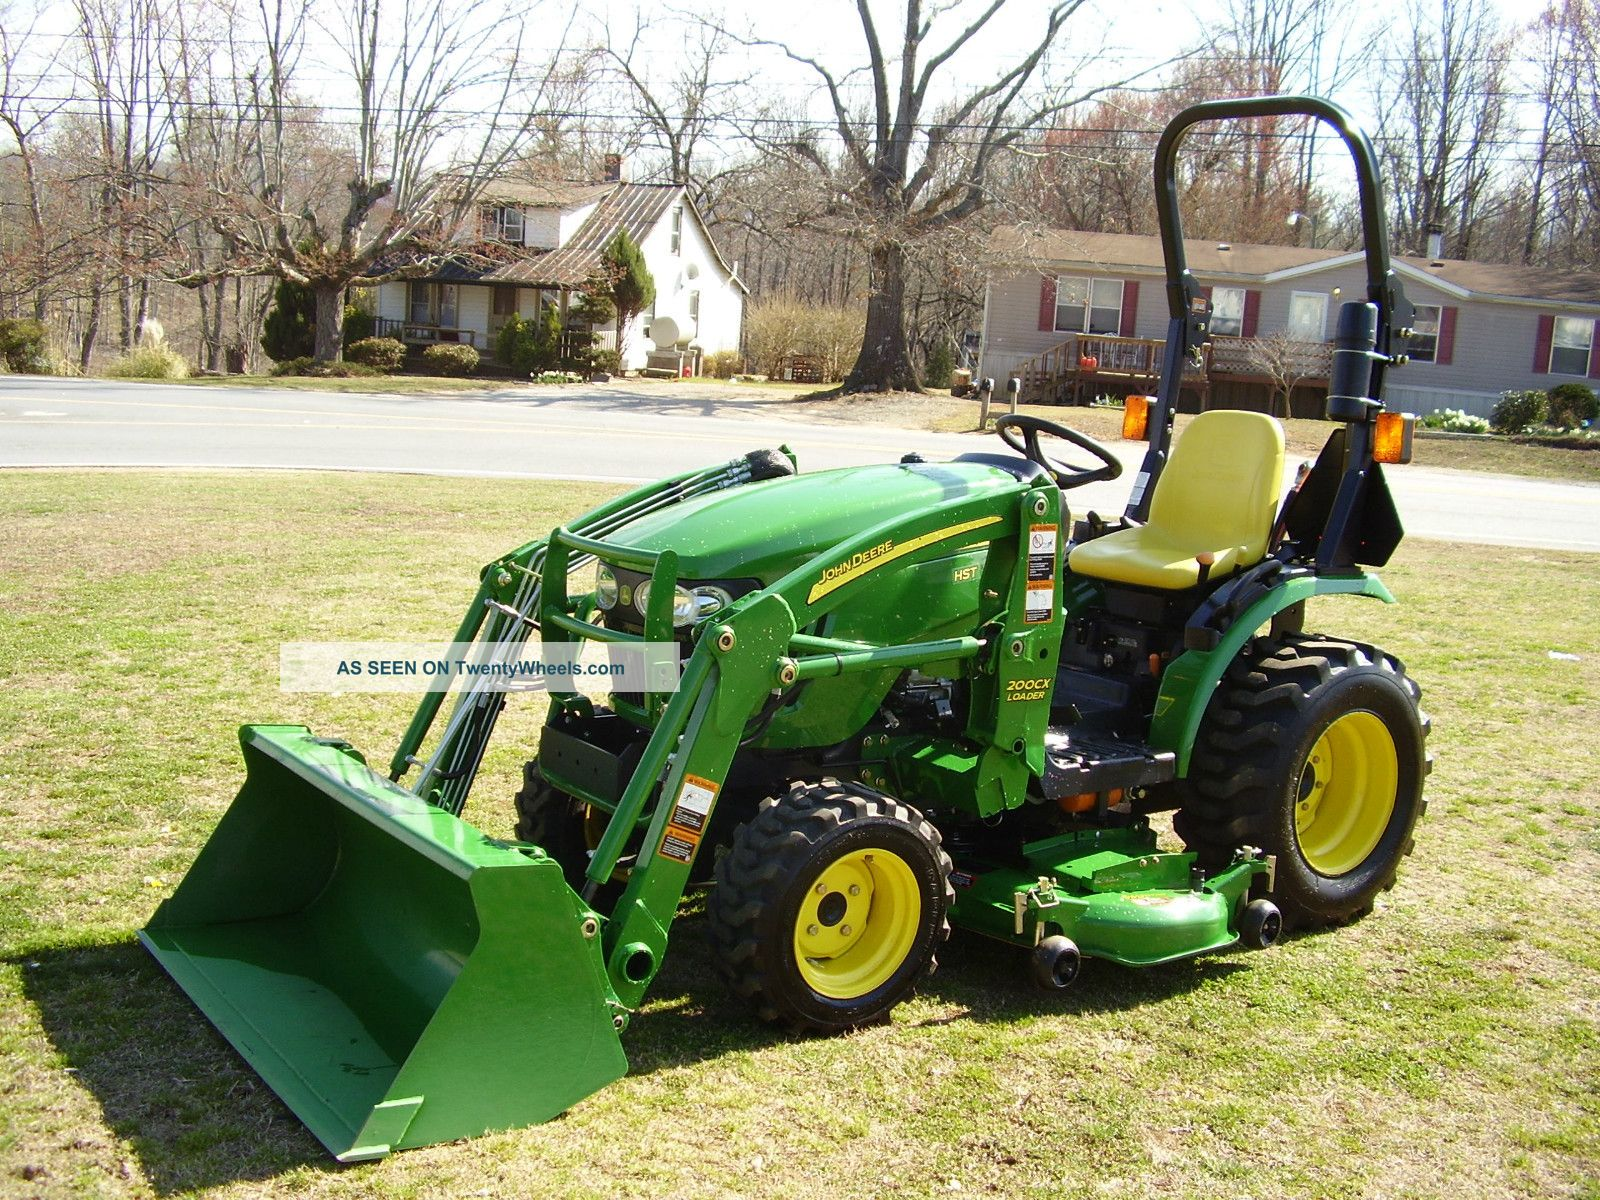 John Deere Mowing Tractors : John deere loader tractor with mower deck